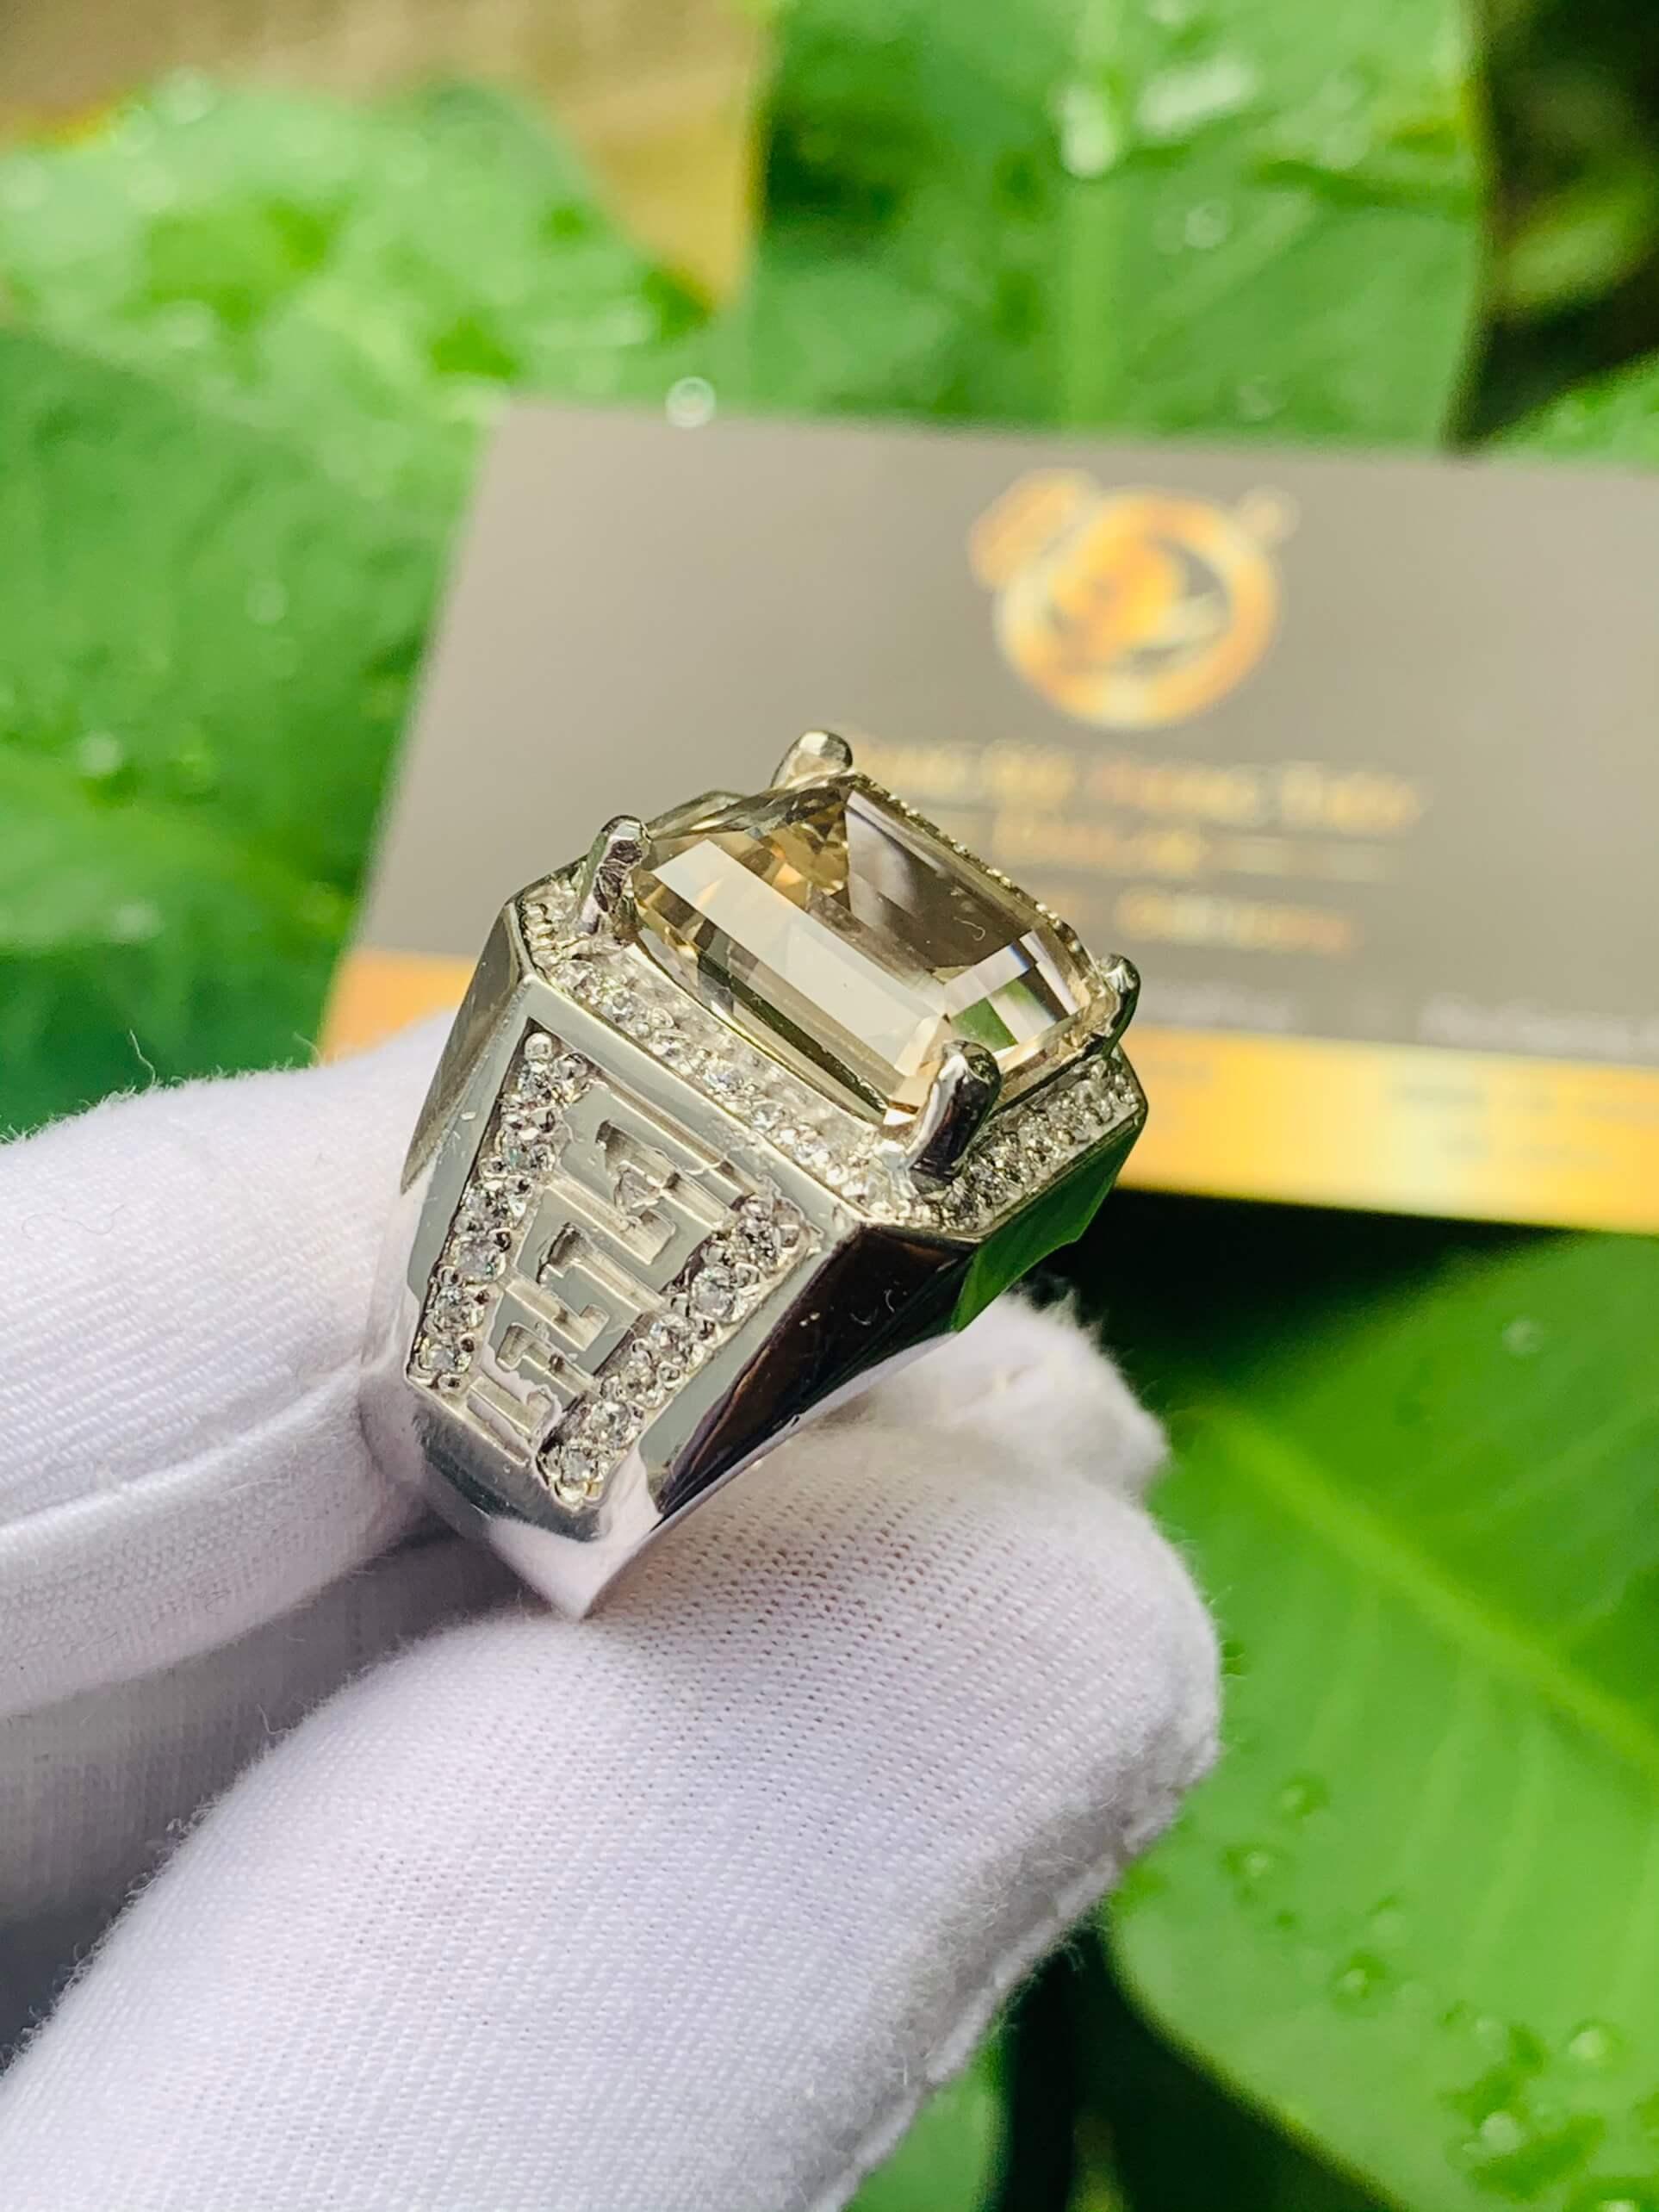 Chiêm ngưỡng nét tinh xảo và quyến rũ của nhẫn nam vàng trắng 18K đính Thạch Anh khói vuông